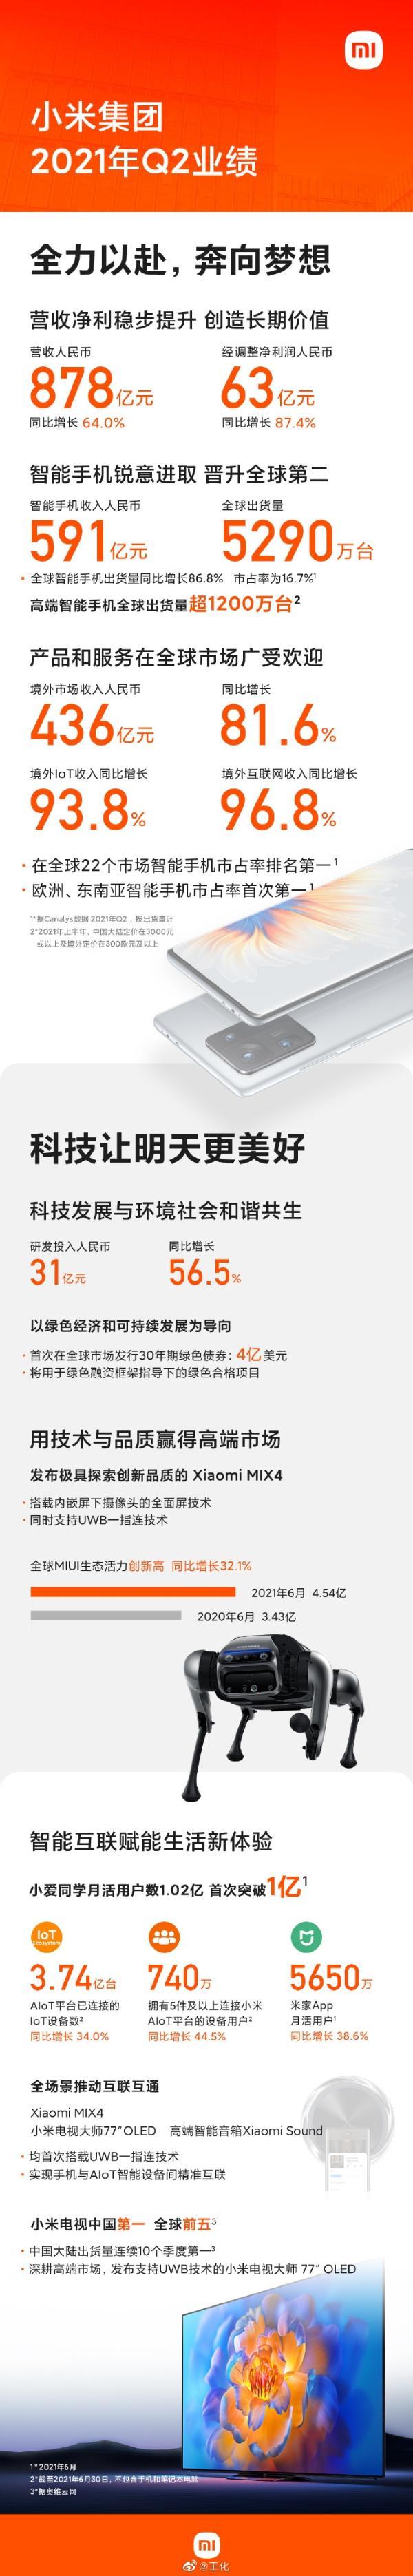 小米手机:全球22个市场第一